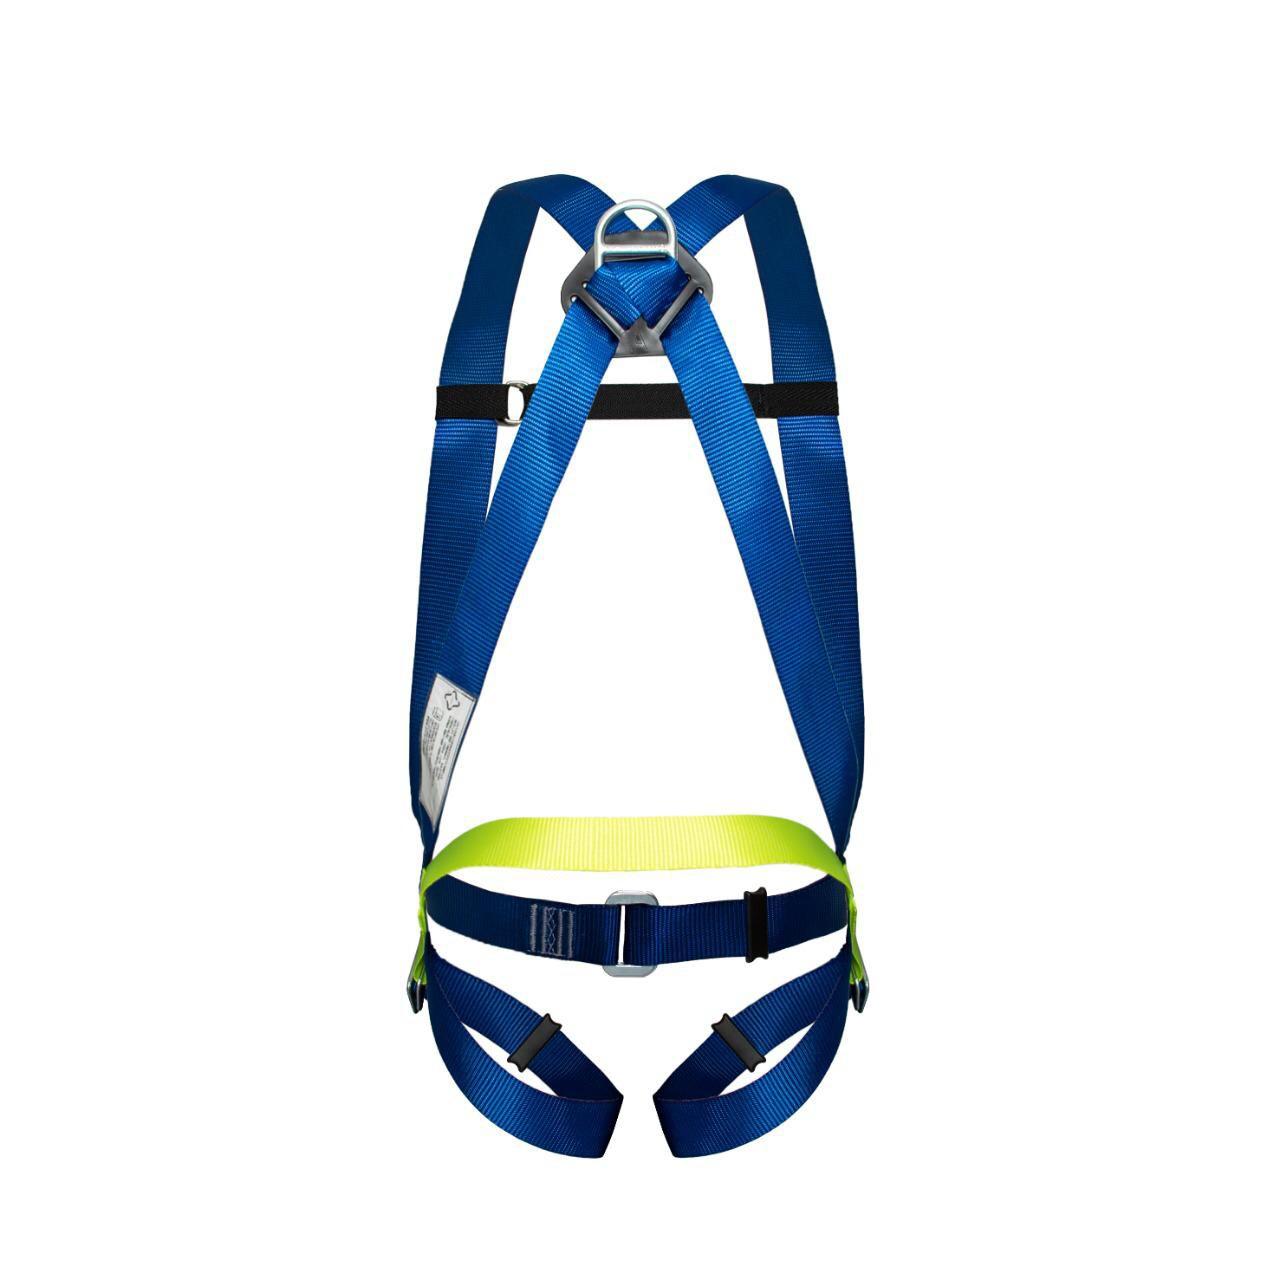 Cinturão Paraquedista 1 Ponto de Ancoragem Dorsal com Ajuste Life 2002